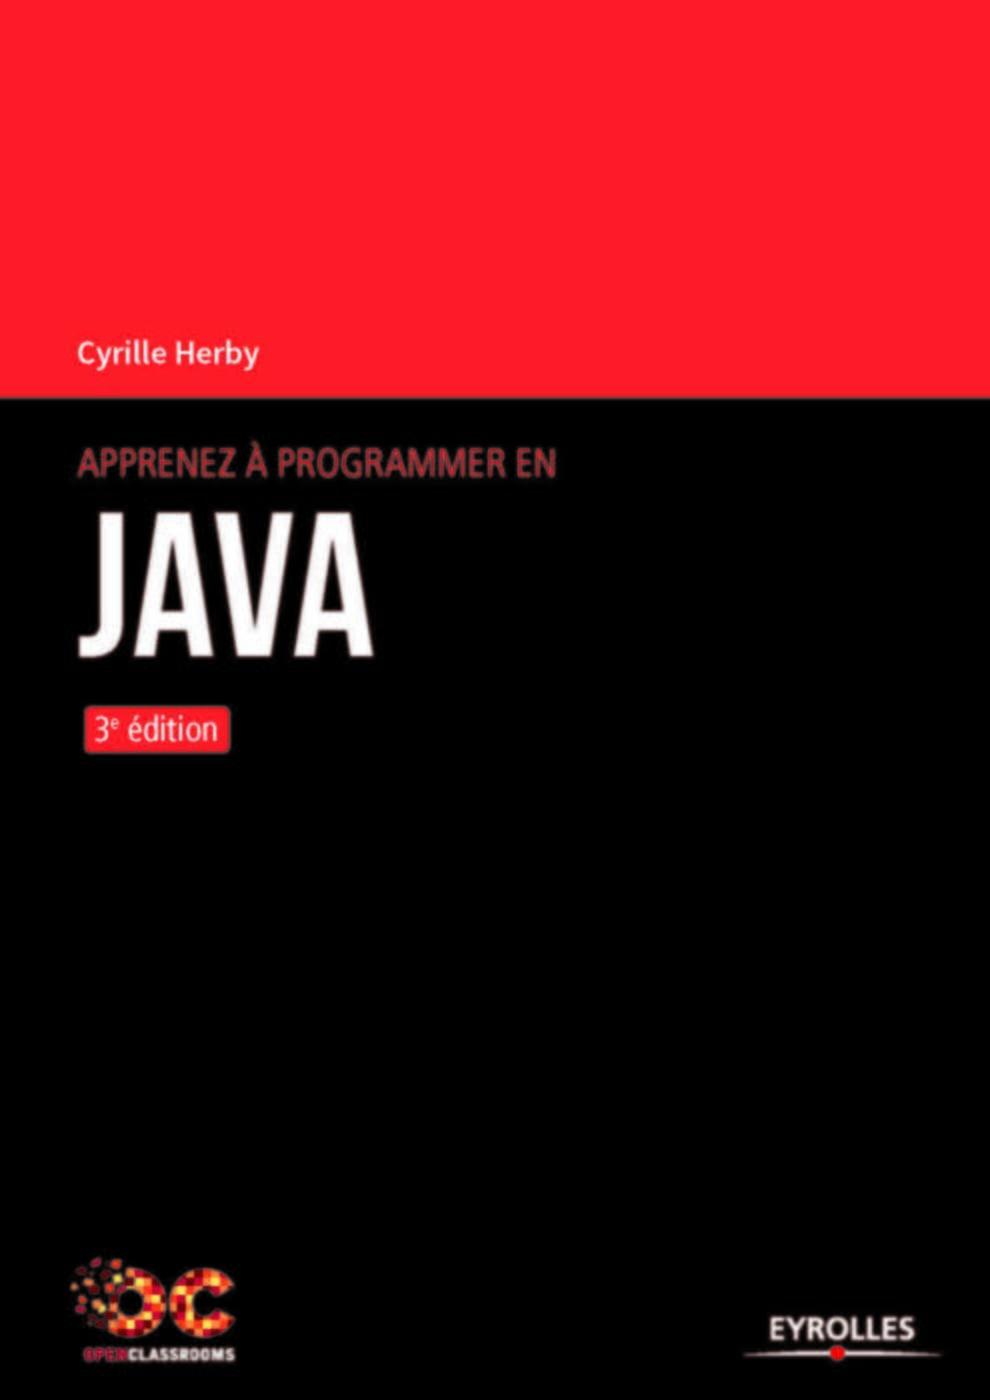 Exemple De Projet Informatique En Java - Le Meilleur Exemple